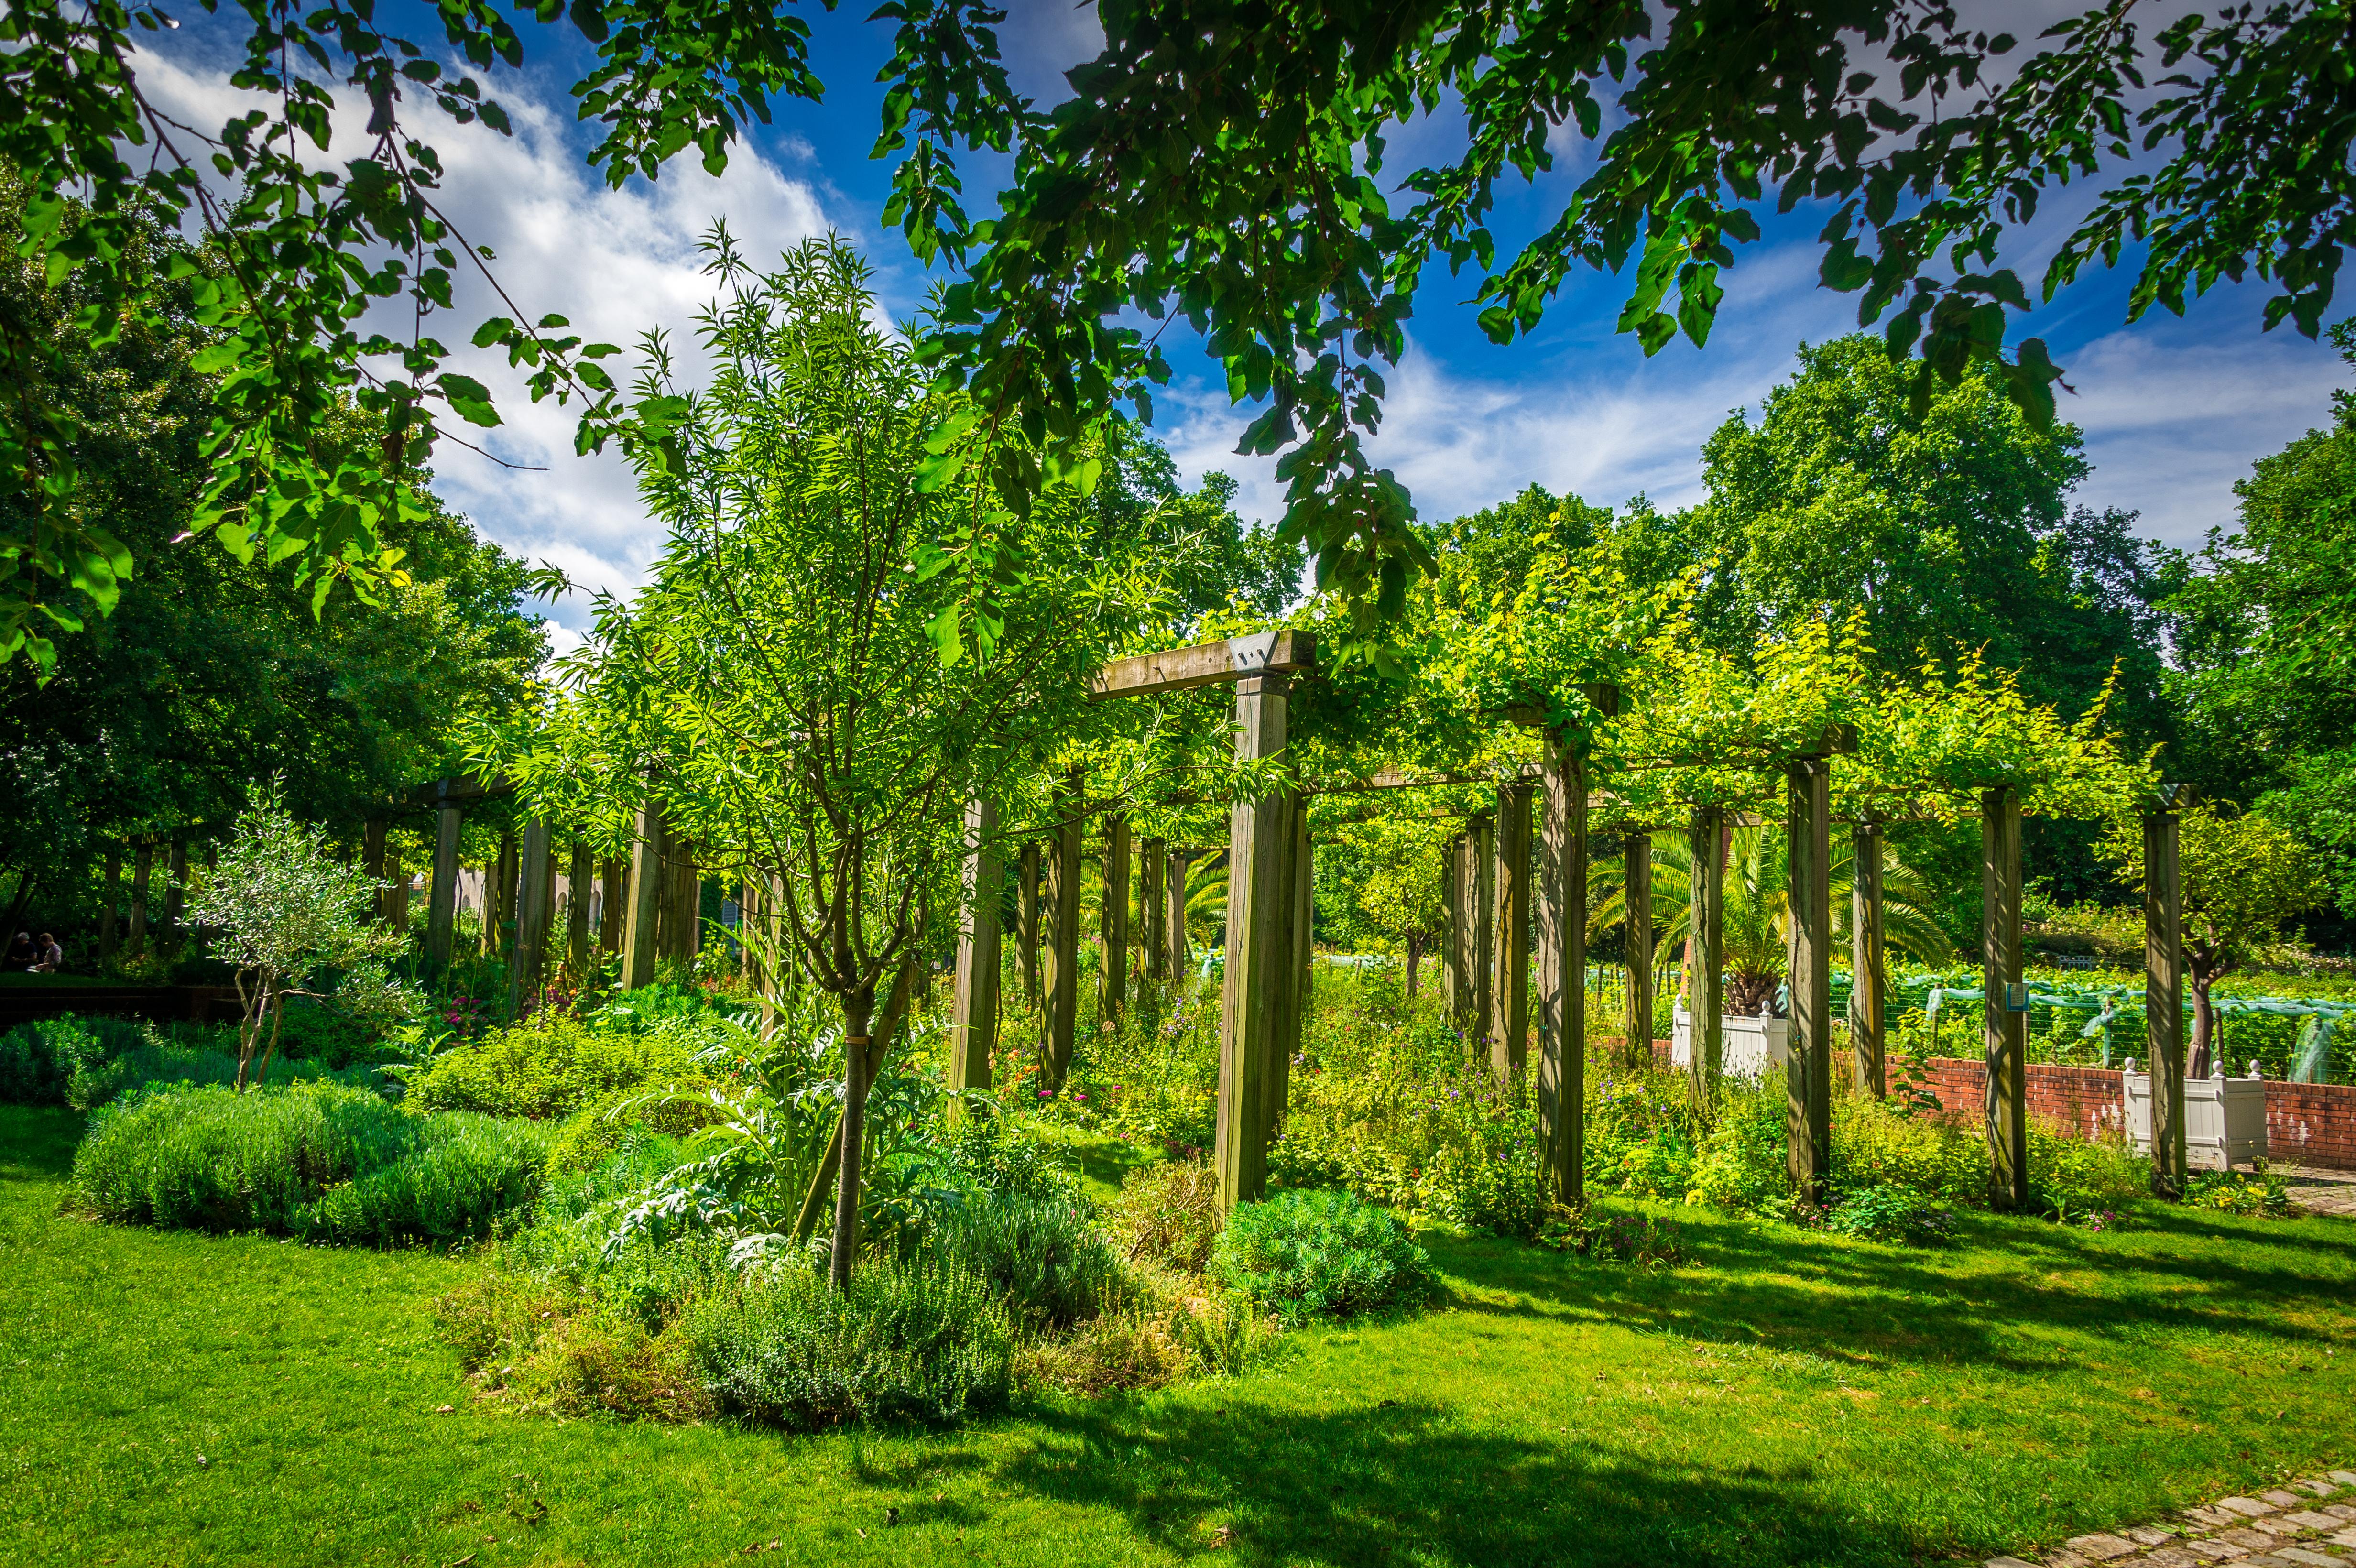 Parc de Bercy cours de jardinage Paris